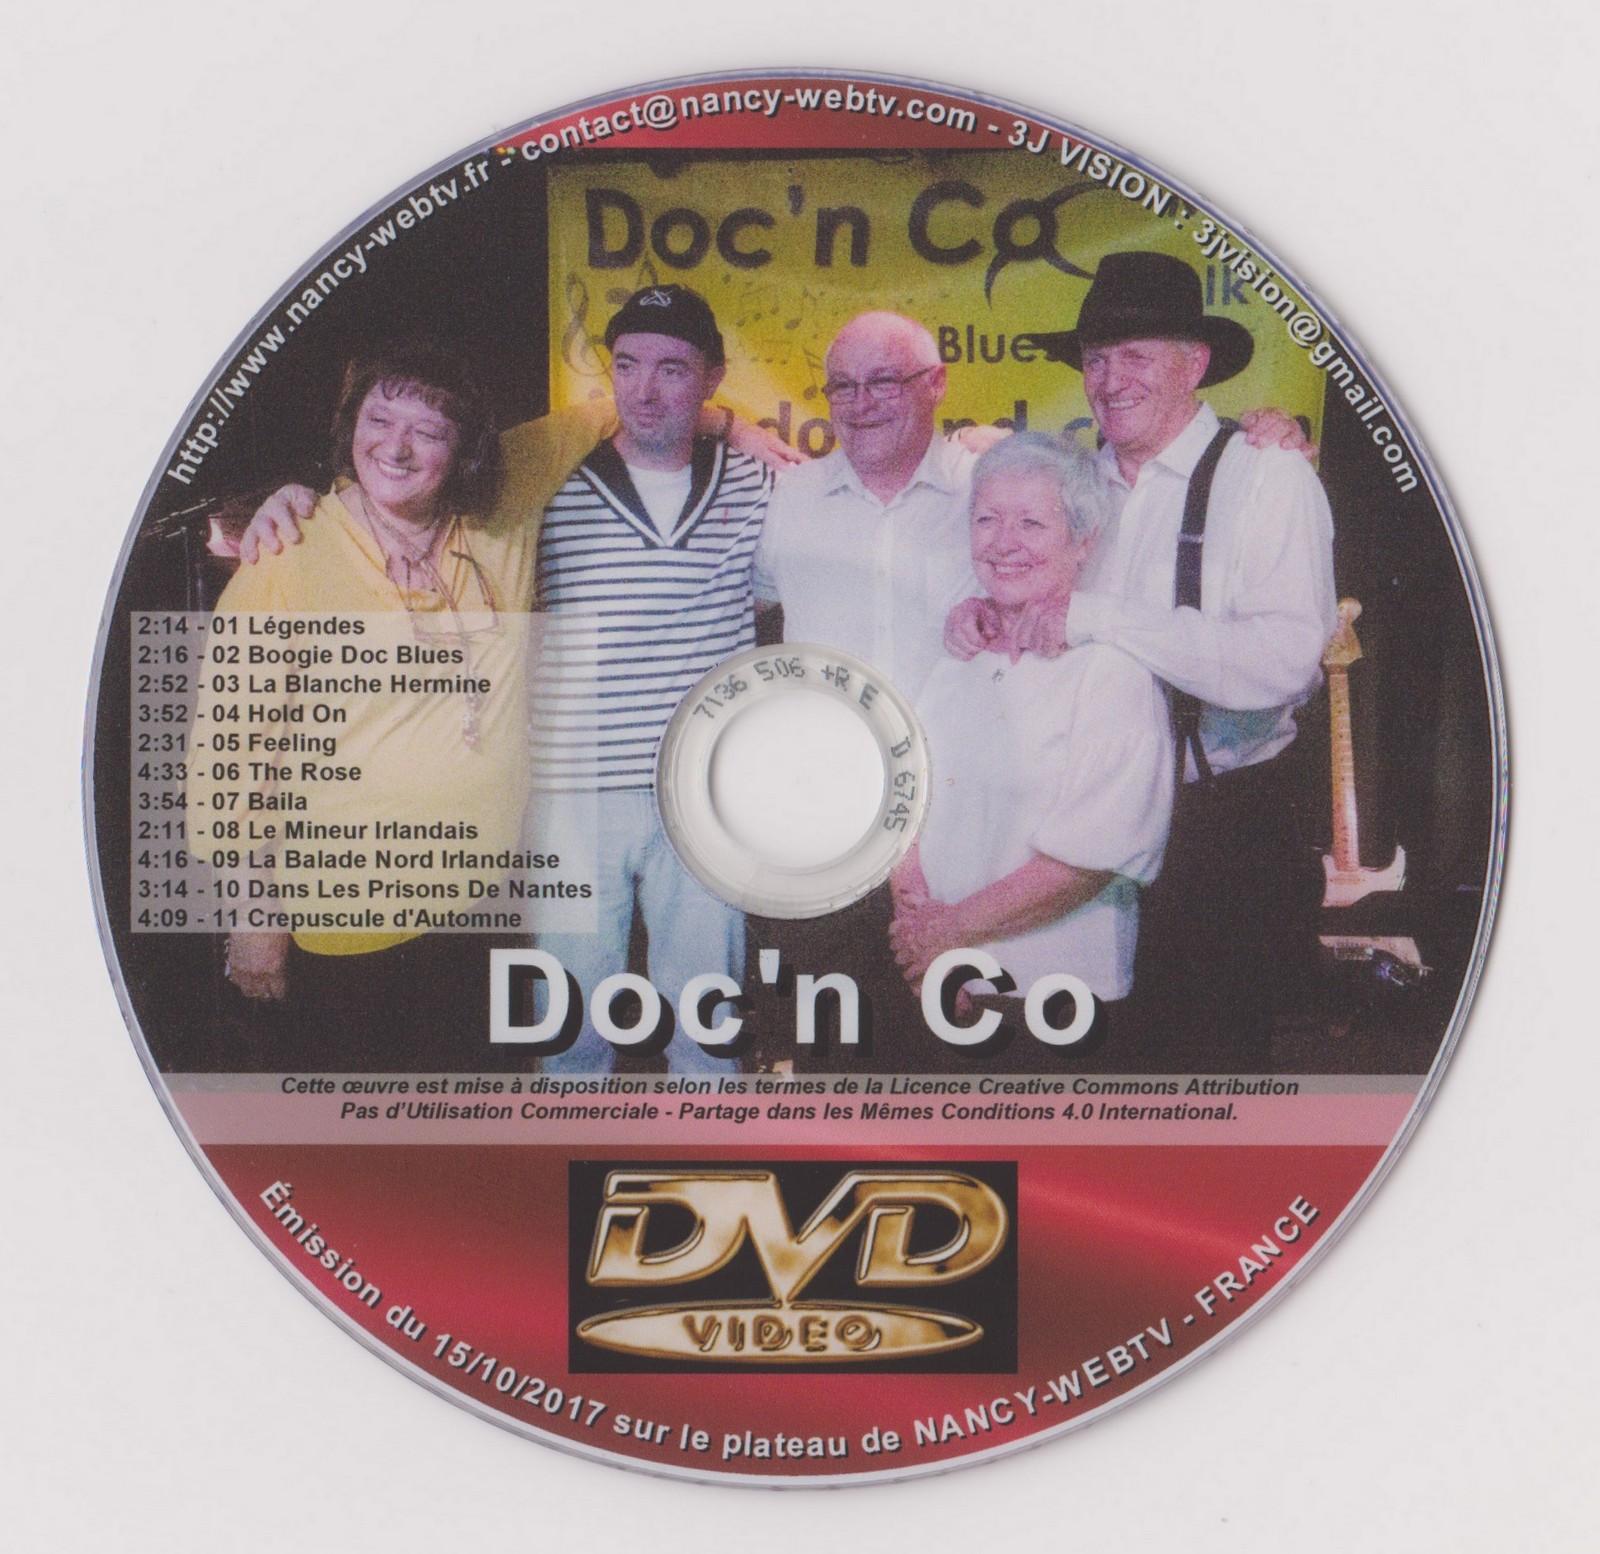 DVD 2017.jpg